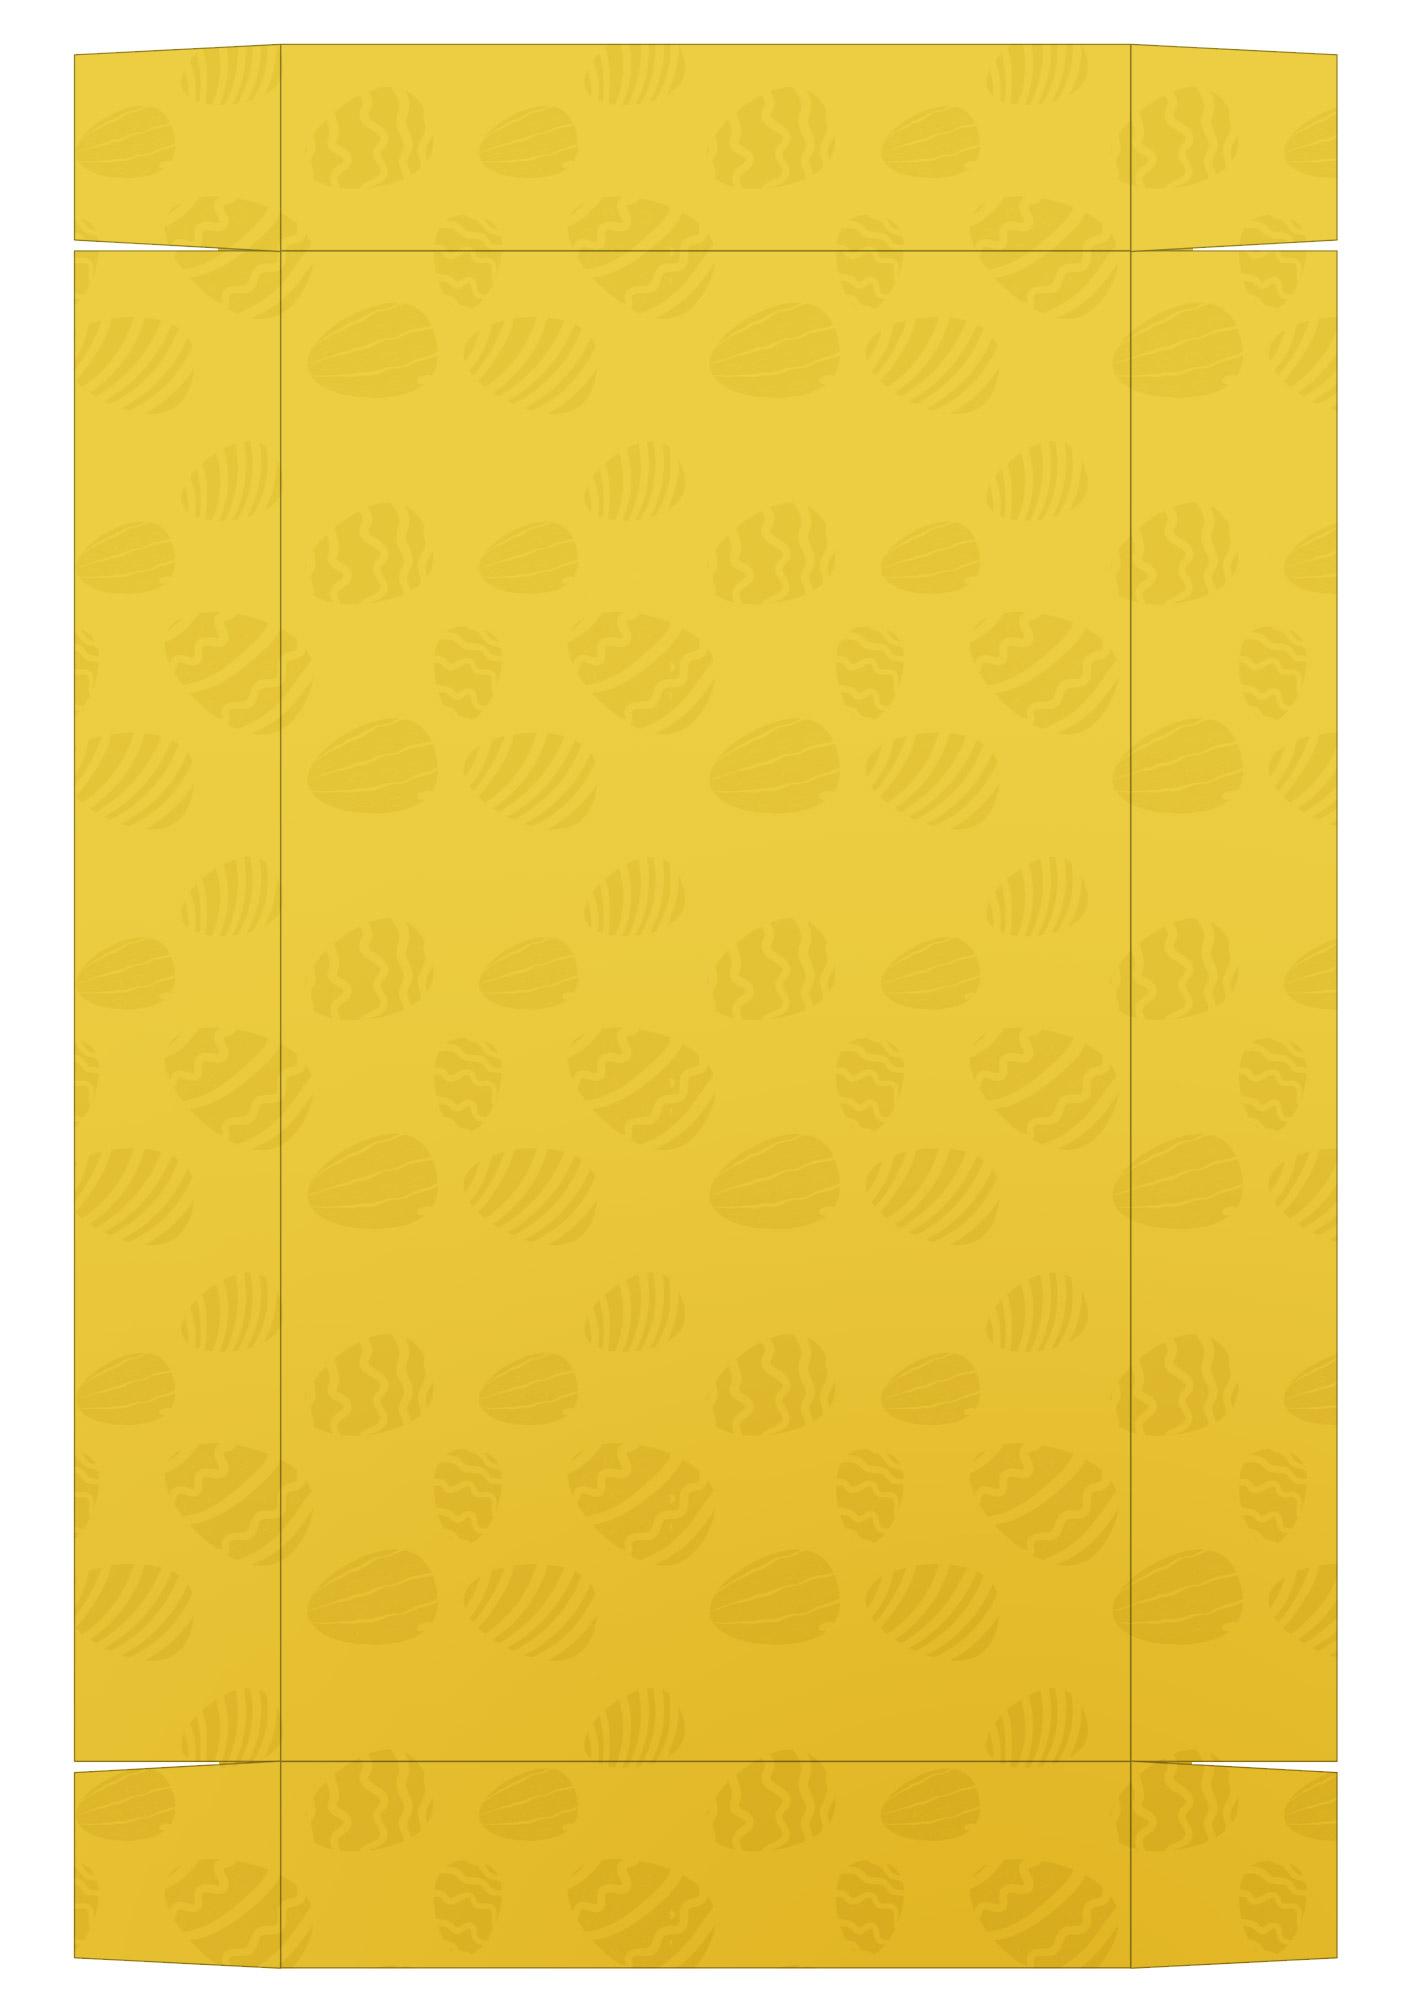 Caixa Kit Mini Confeiteiro para Páscoa 2 - parte de baixo